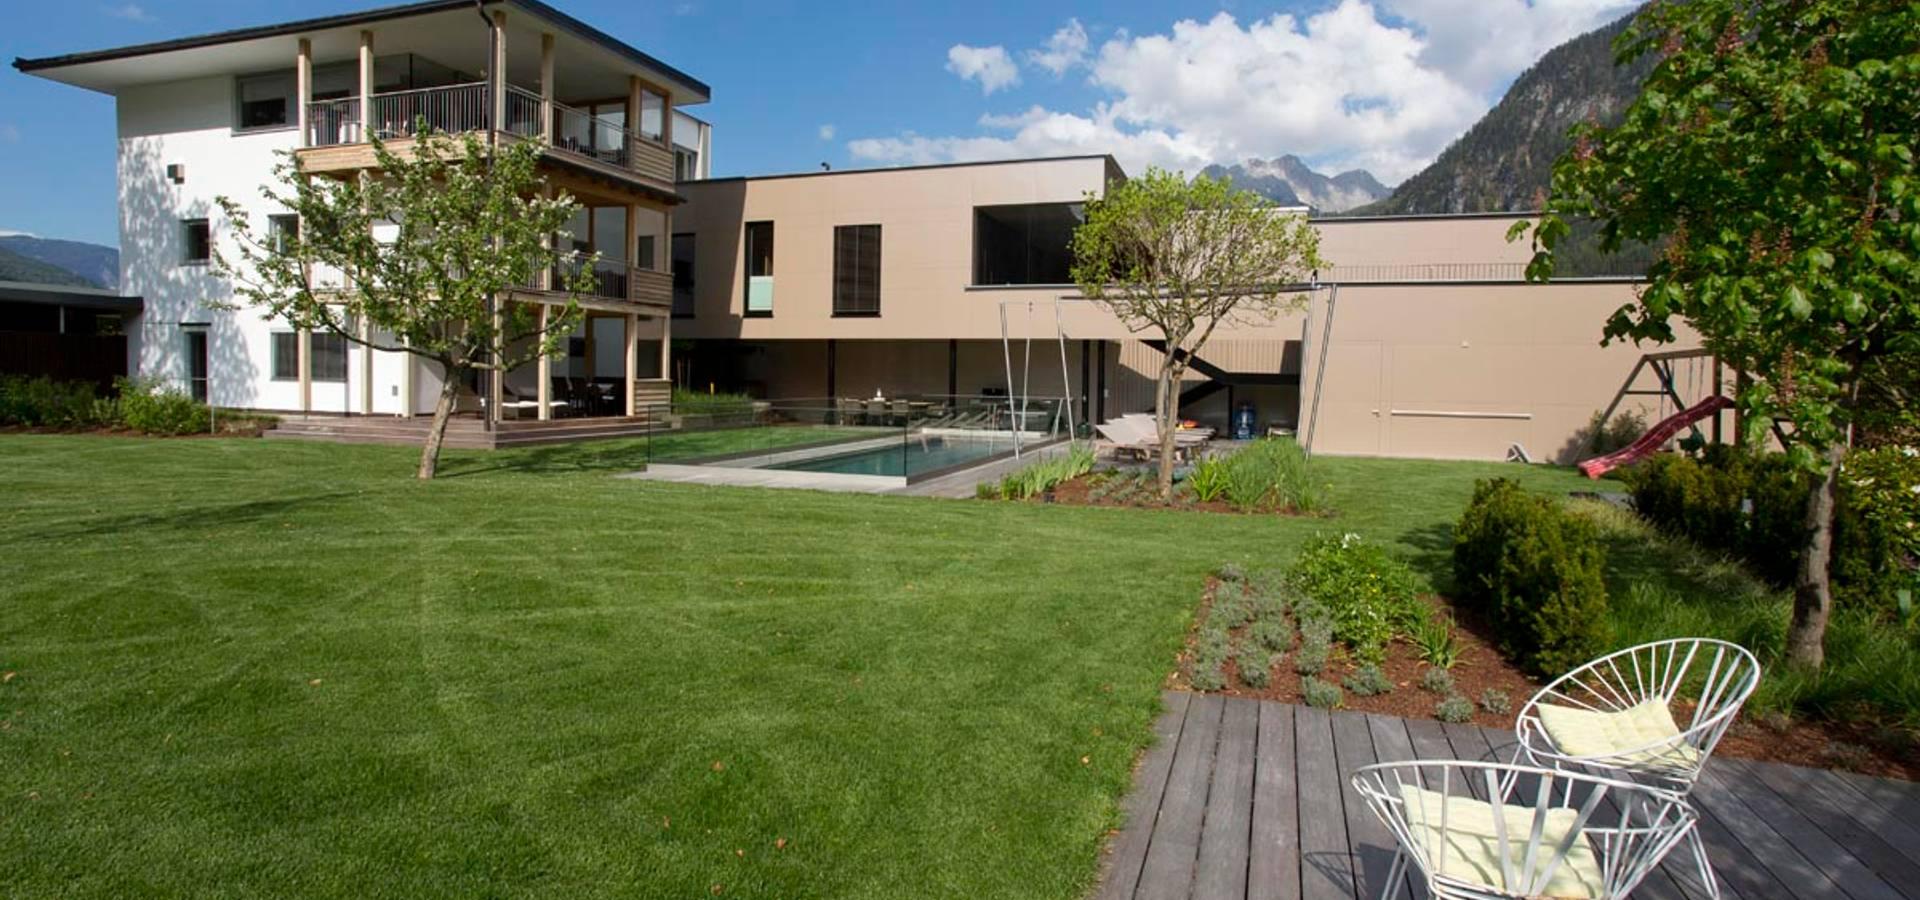 Freiraum* Gartenarchitektur GmbH